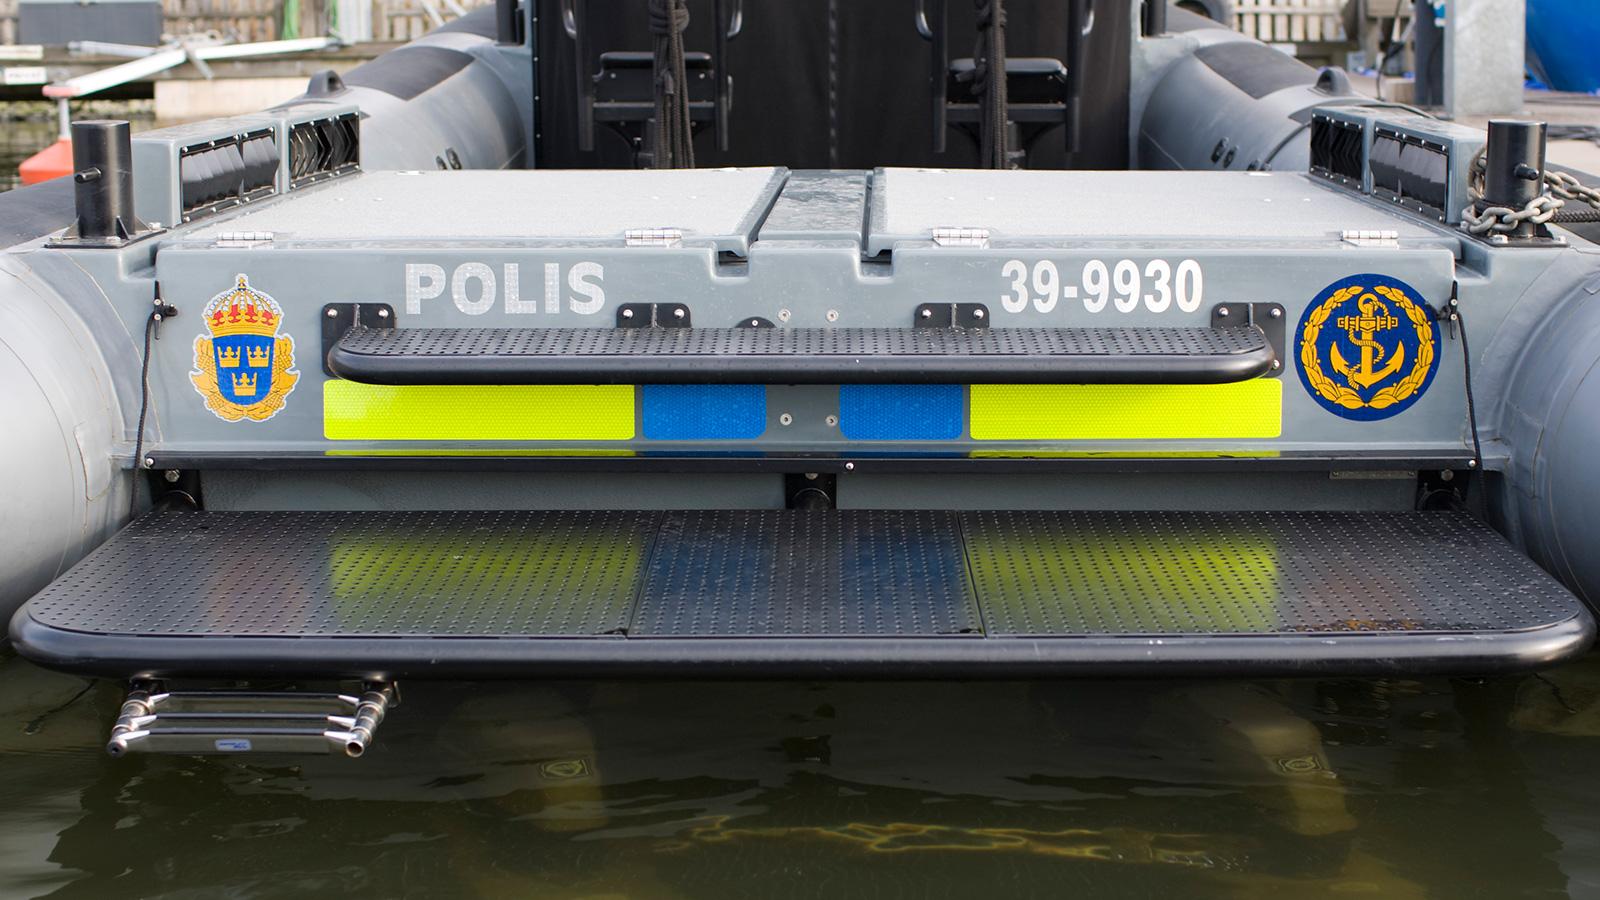 Ruper32-cabin-police-small.jpg